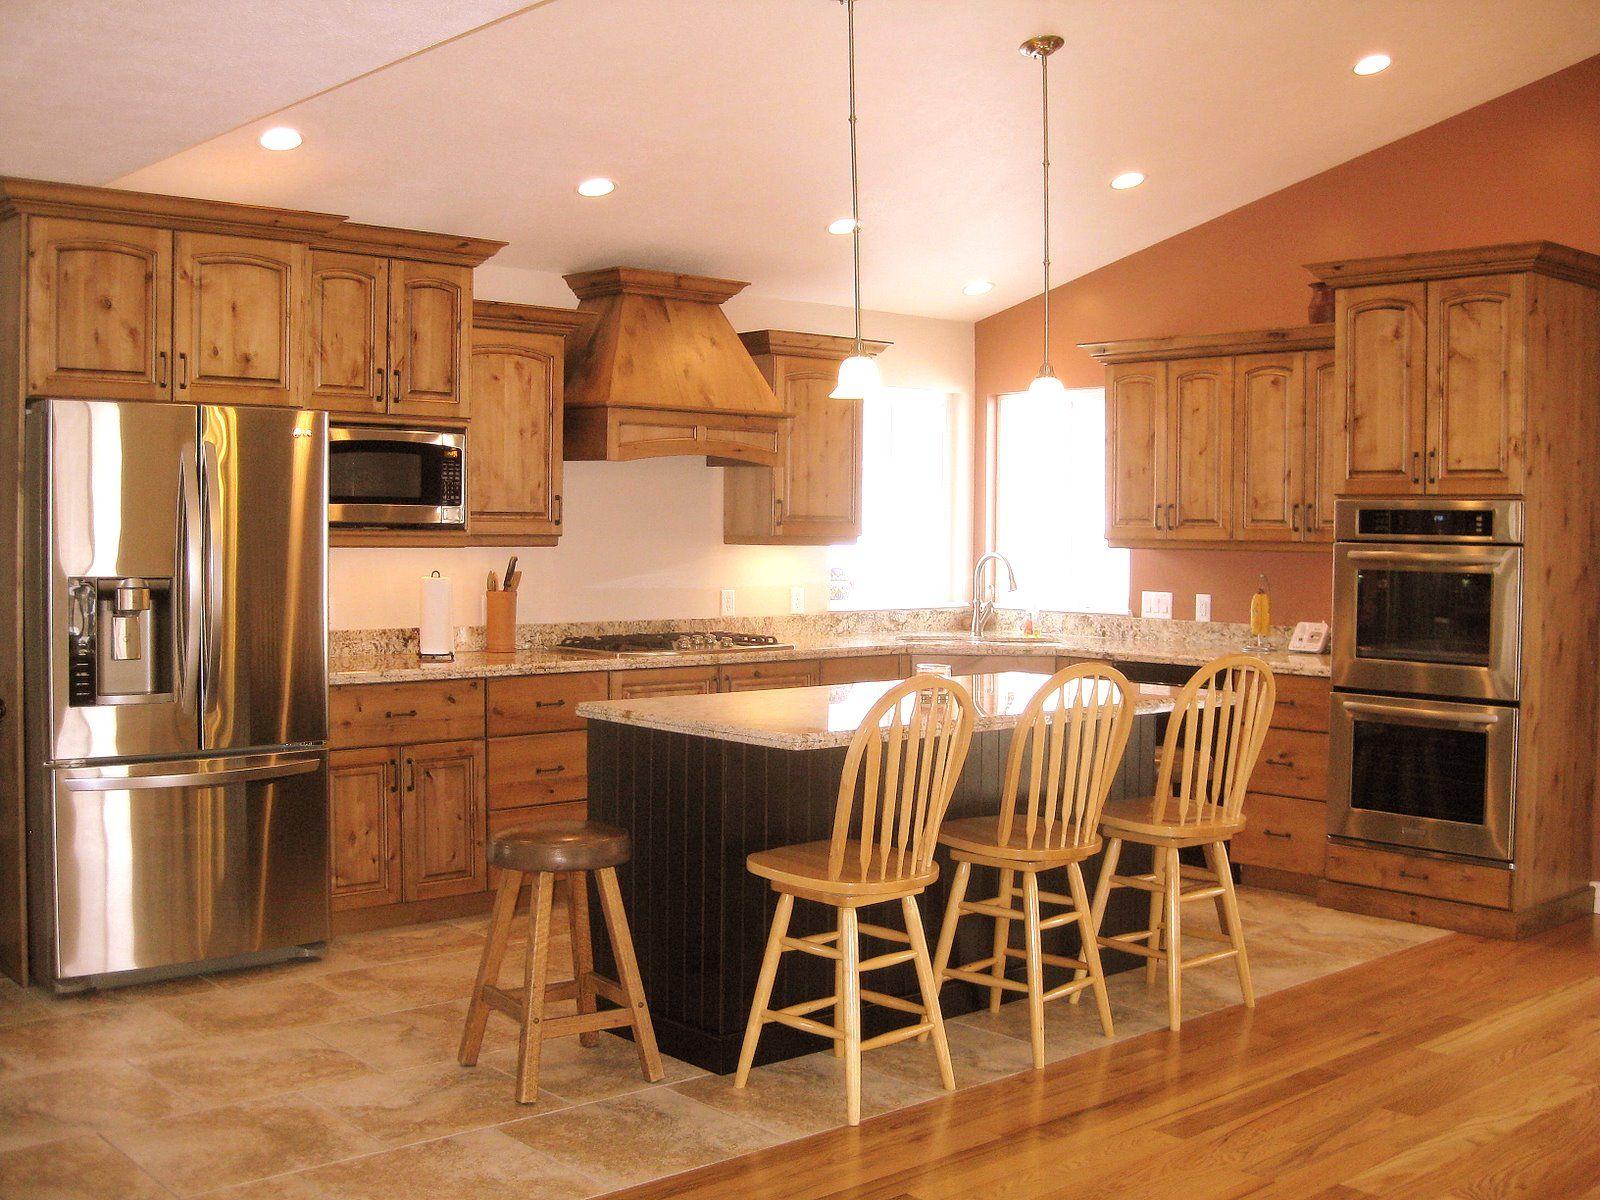 kitchen knotty alder cabinets